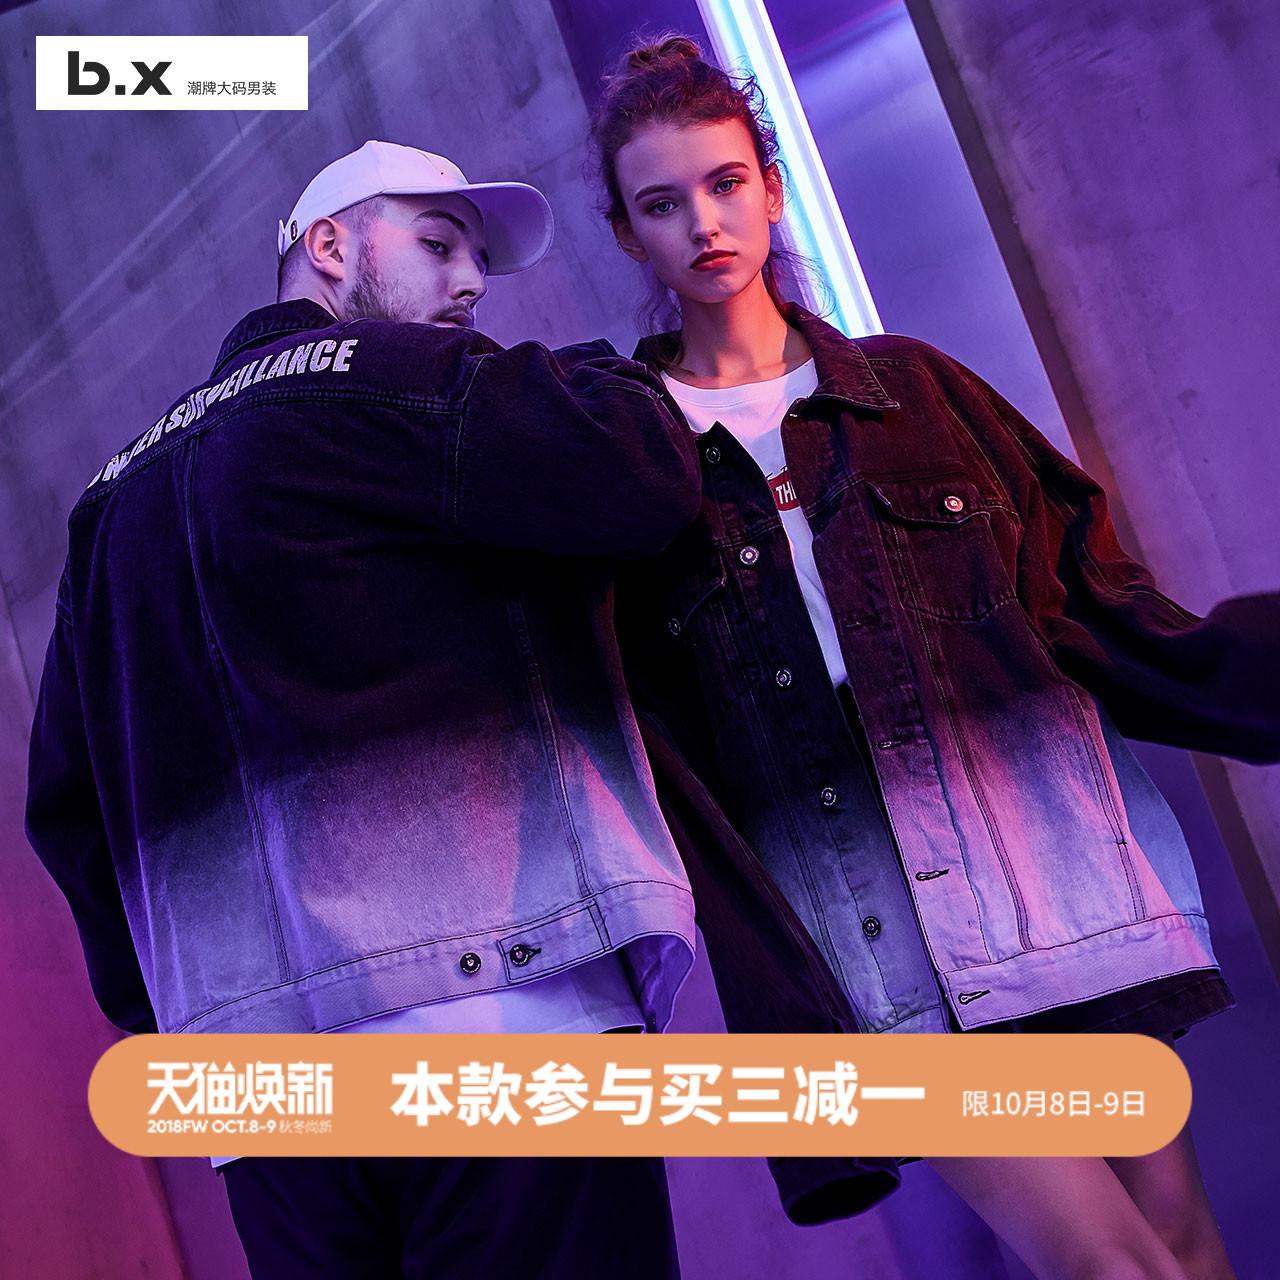 B.X大码潮牌男士夹克秋季加肥加大薄款韩版胖子宽松牛仔衣外套男